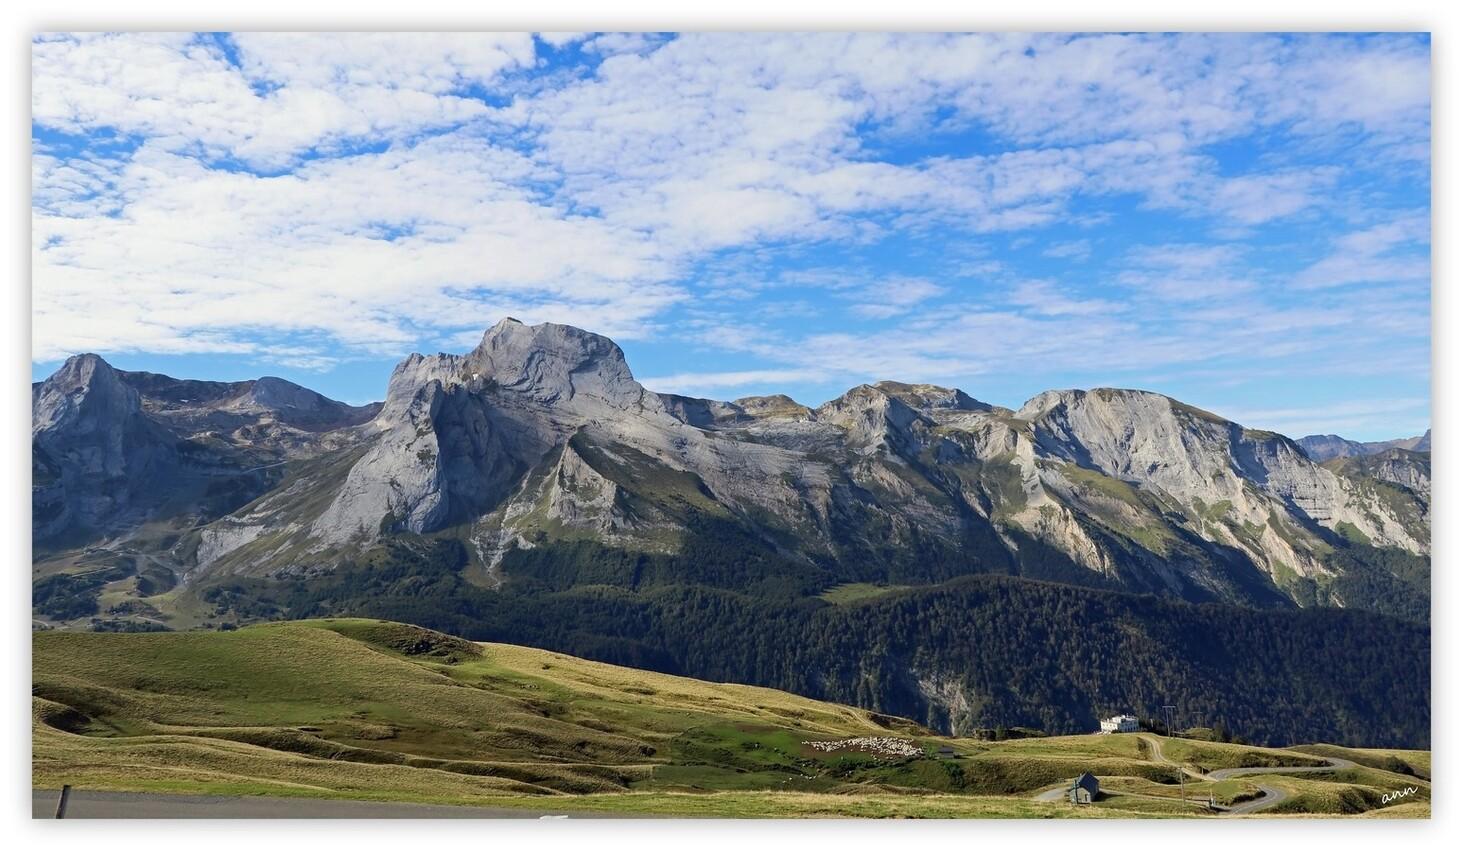 Sur la route du Col d'Aubisque (Hautes-Pyrénées - Septembre 2016)